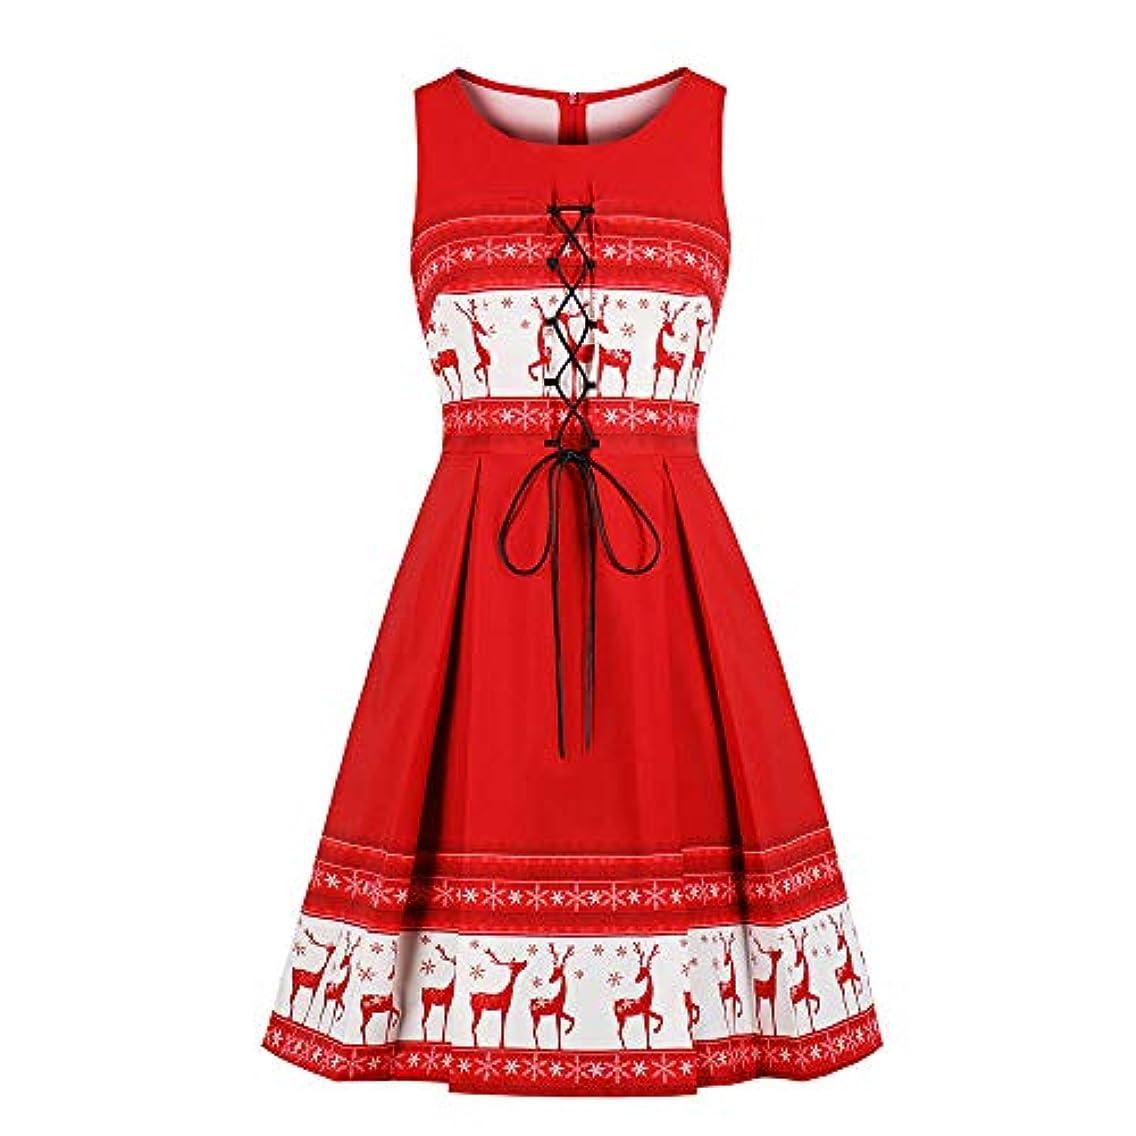 無人約設定発生ワンピース BOBOGOJP 4種類 S?4XL クリスマス スペシャル 女性 レディース ビンテージ アンティーク 華やかな 美しい 主人公 ノースリーブ イブニングパーティー ドレス スイング ドレス